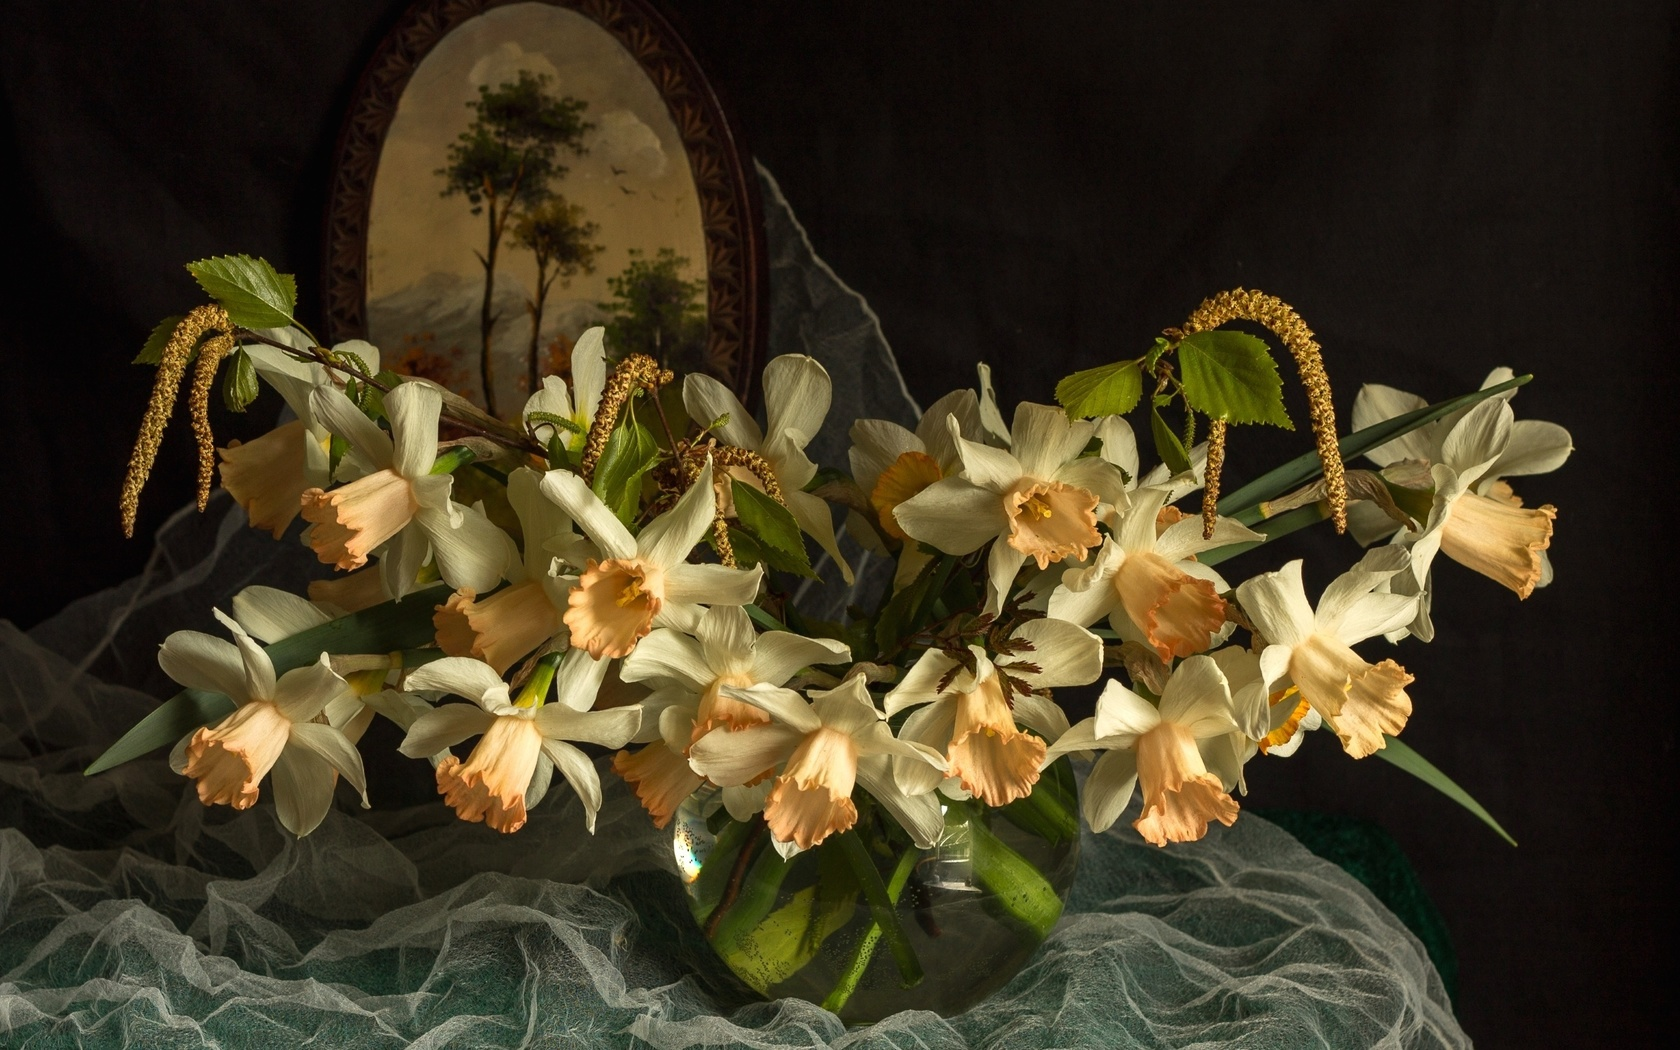 ткань, ваза, цветы, нарциссы, картина, ветки, берёза, серёжки